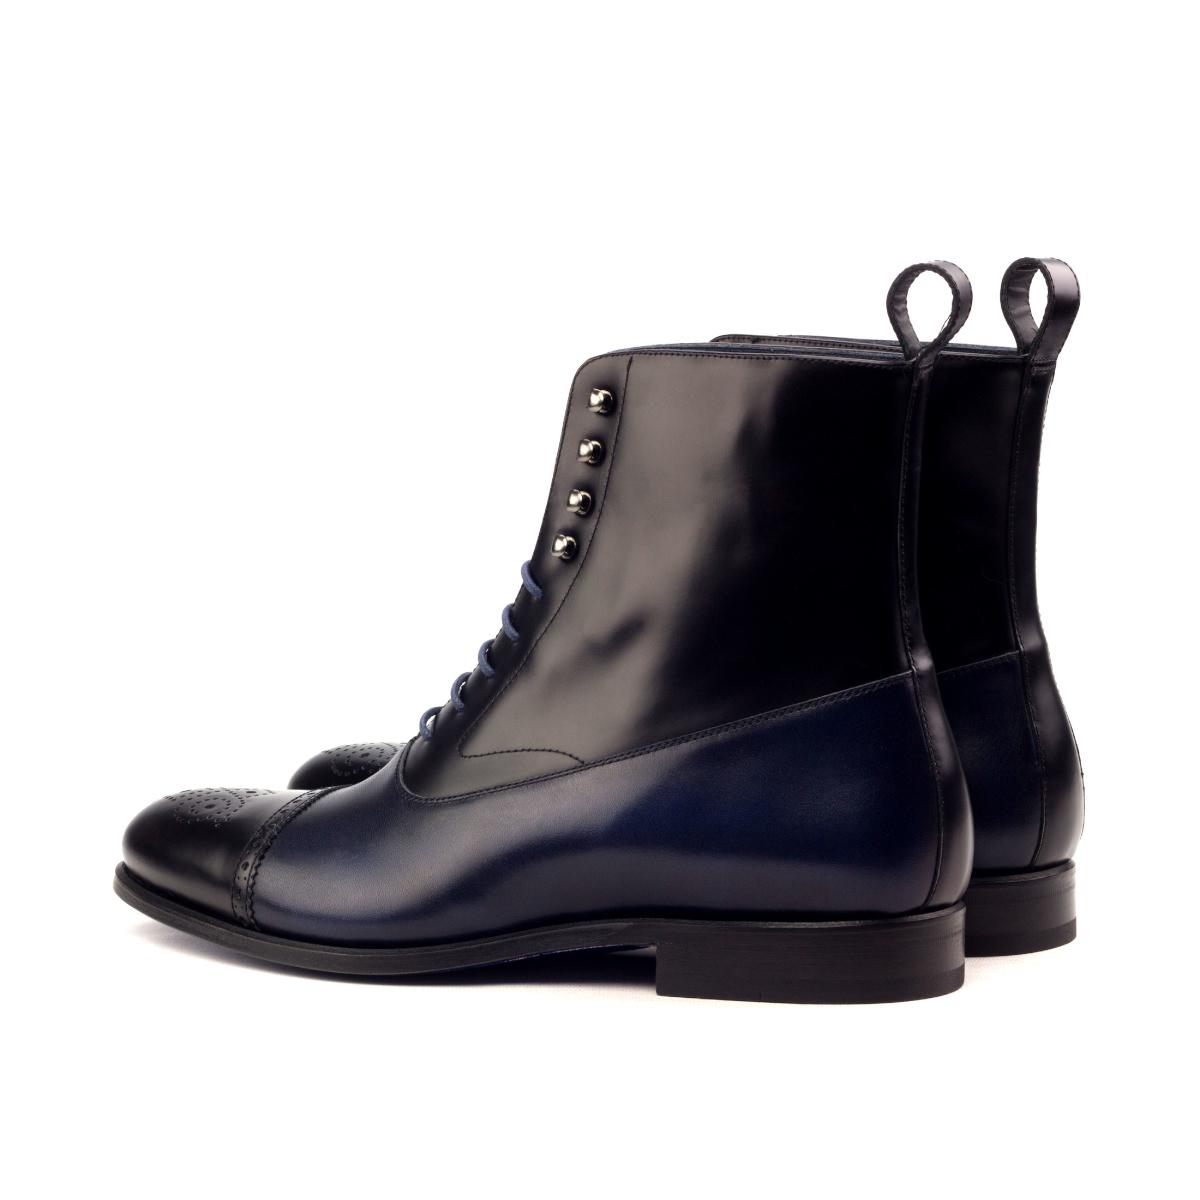 229a35493eb0e7 Blue and black box calf Balmoral boot - Cambrillón Bespoke Leather